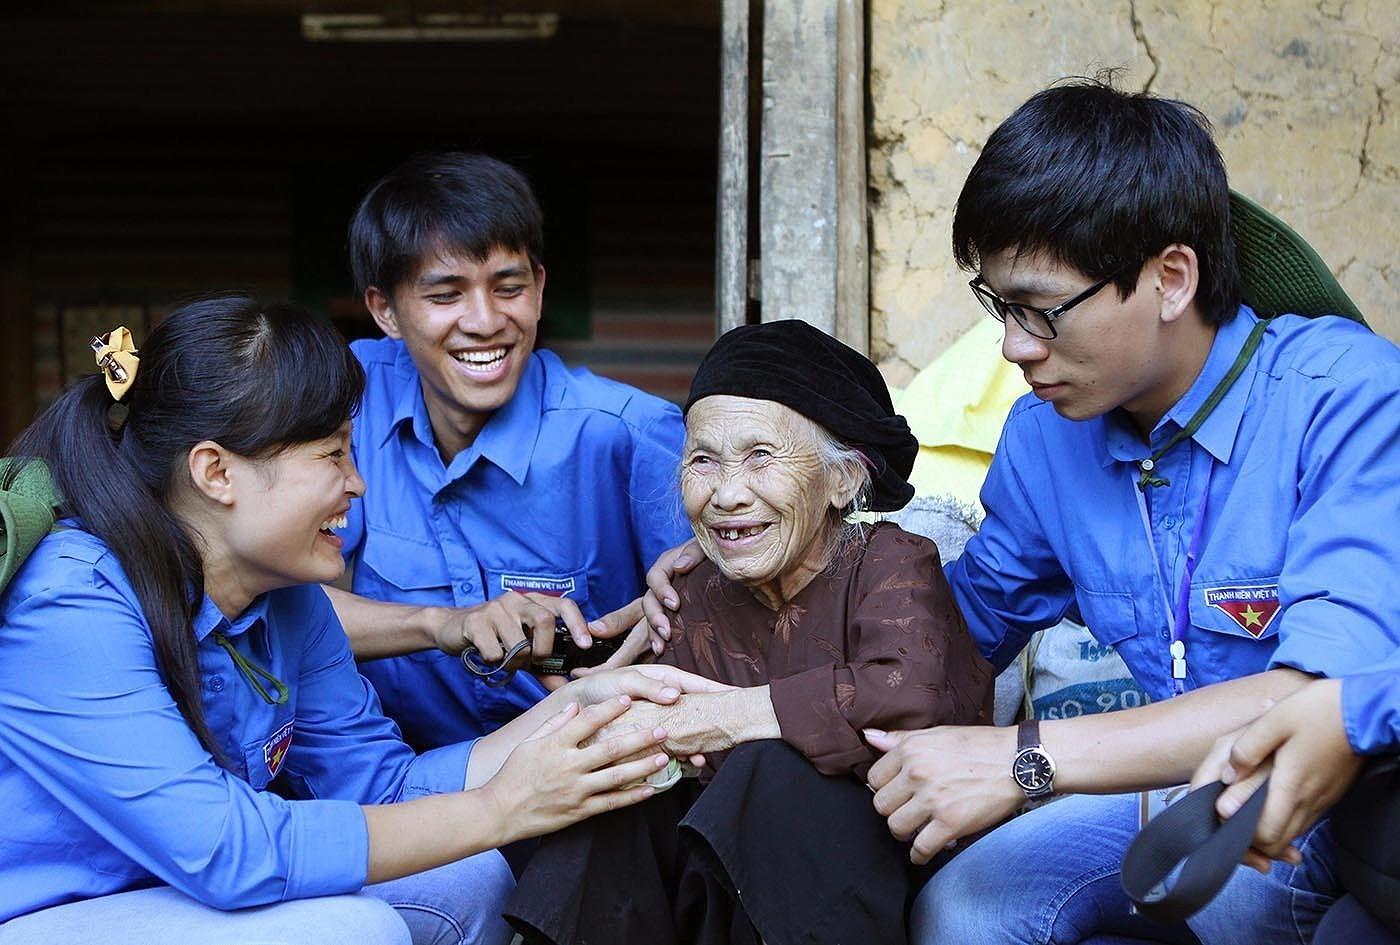 Aniversario 90 de la fundacion de la Union de Jovenes Comunistas Ho Chi Minh hinh anh 8